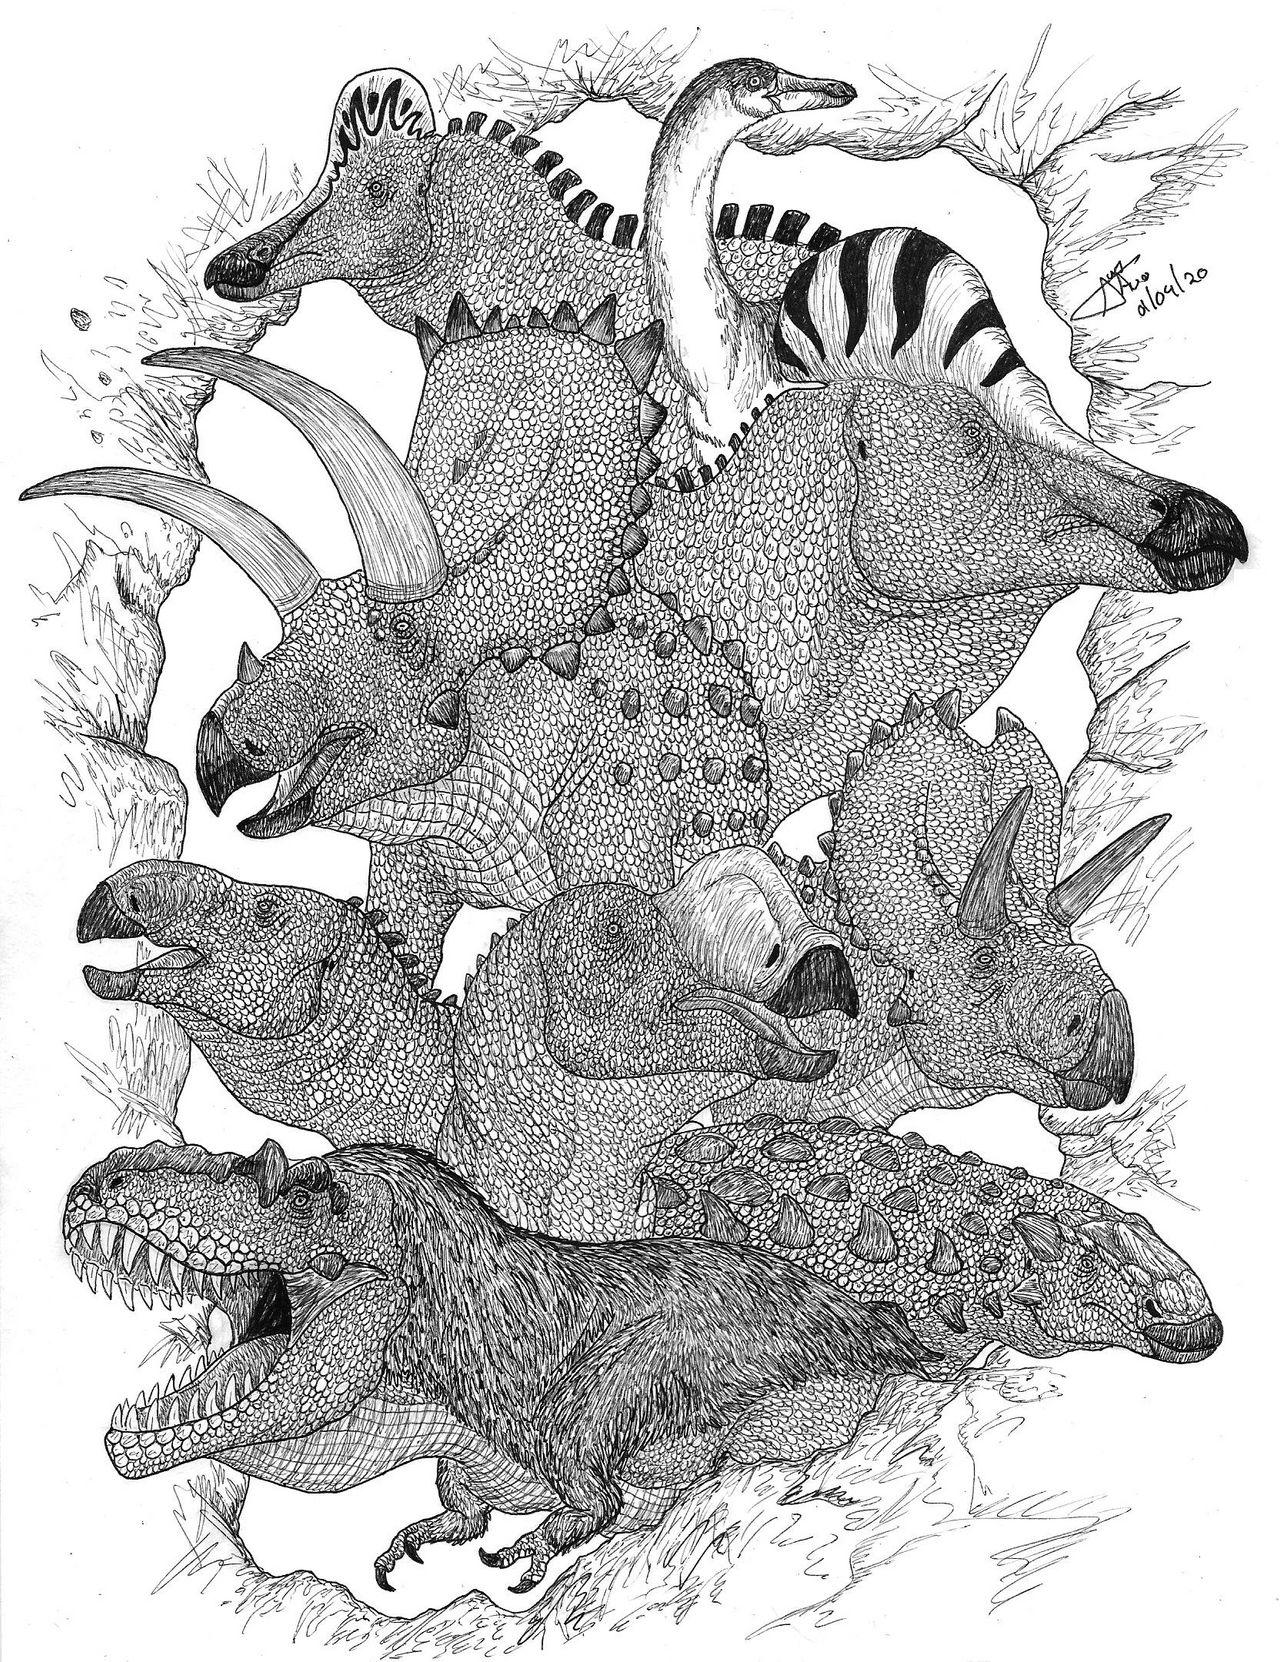 Dinosaurios Mexicanos By Ladalbarran2000 On Deviantart La serie se desarrolla en la prehistoria, donde los dinosaurios viven en sociedad algo parecida a la humana, tienen familias y tecnología. dinosaurios mexicanos by